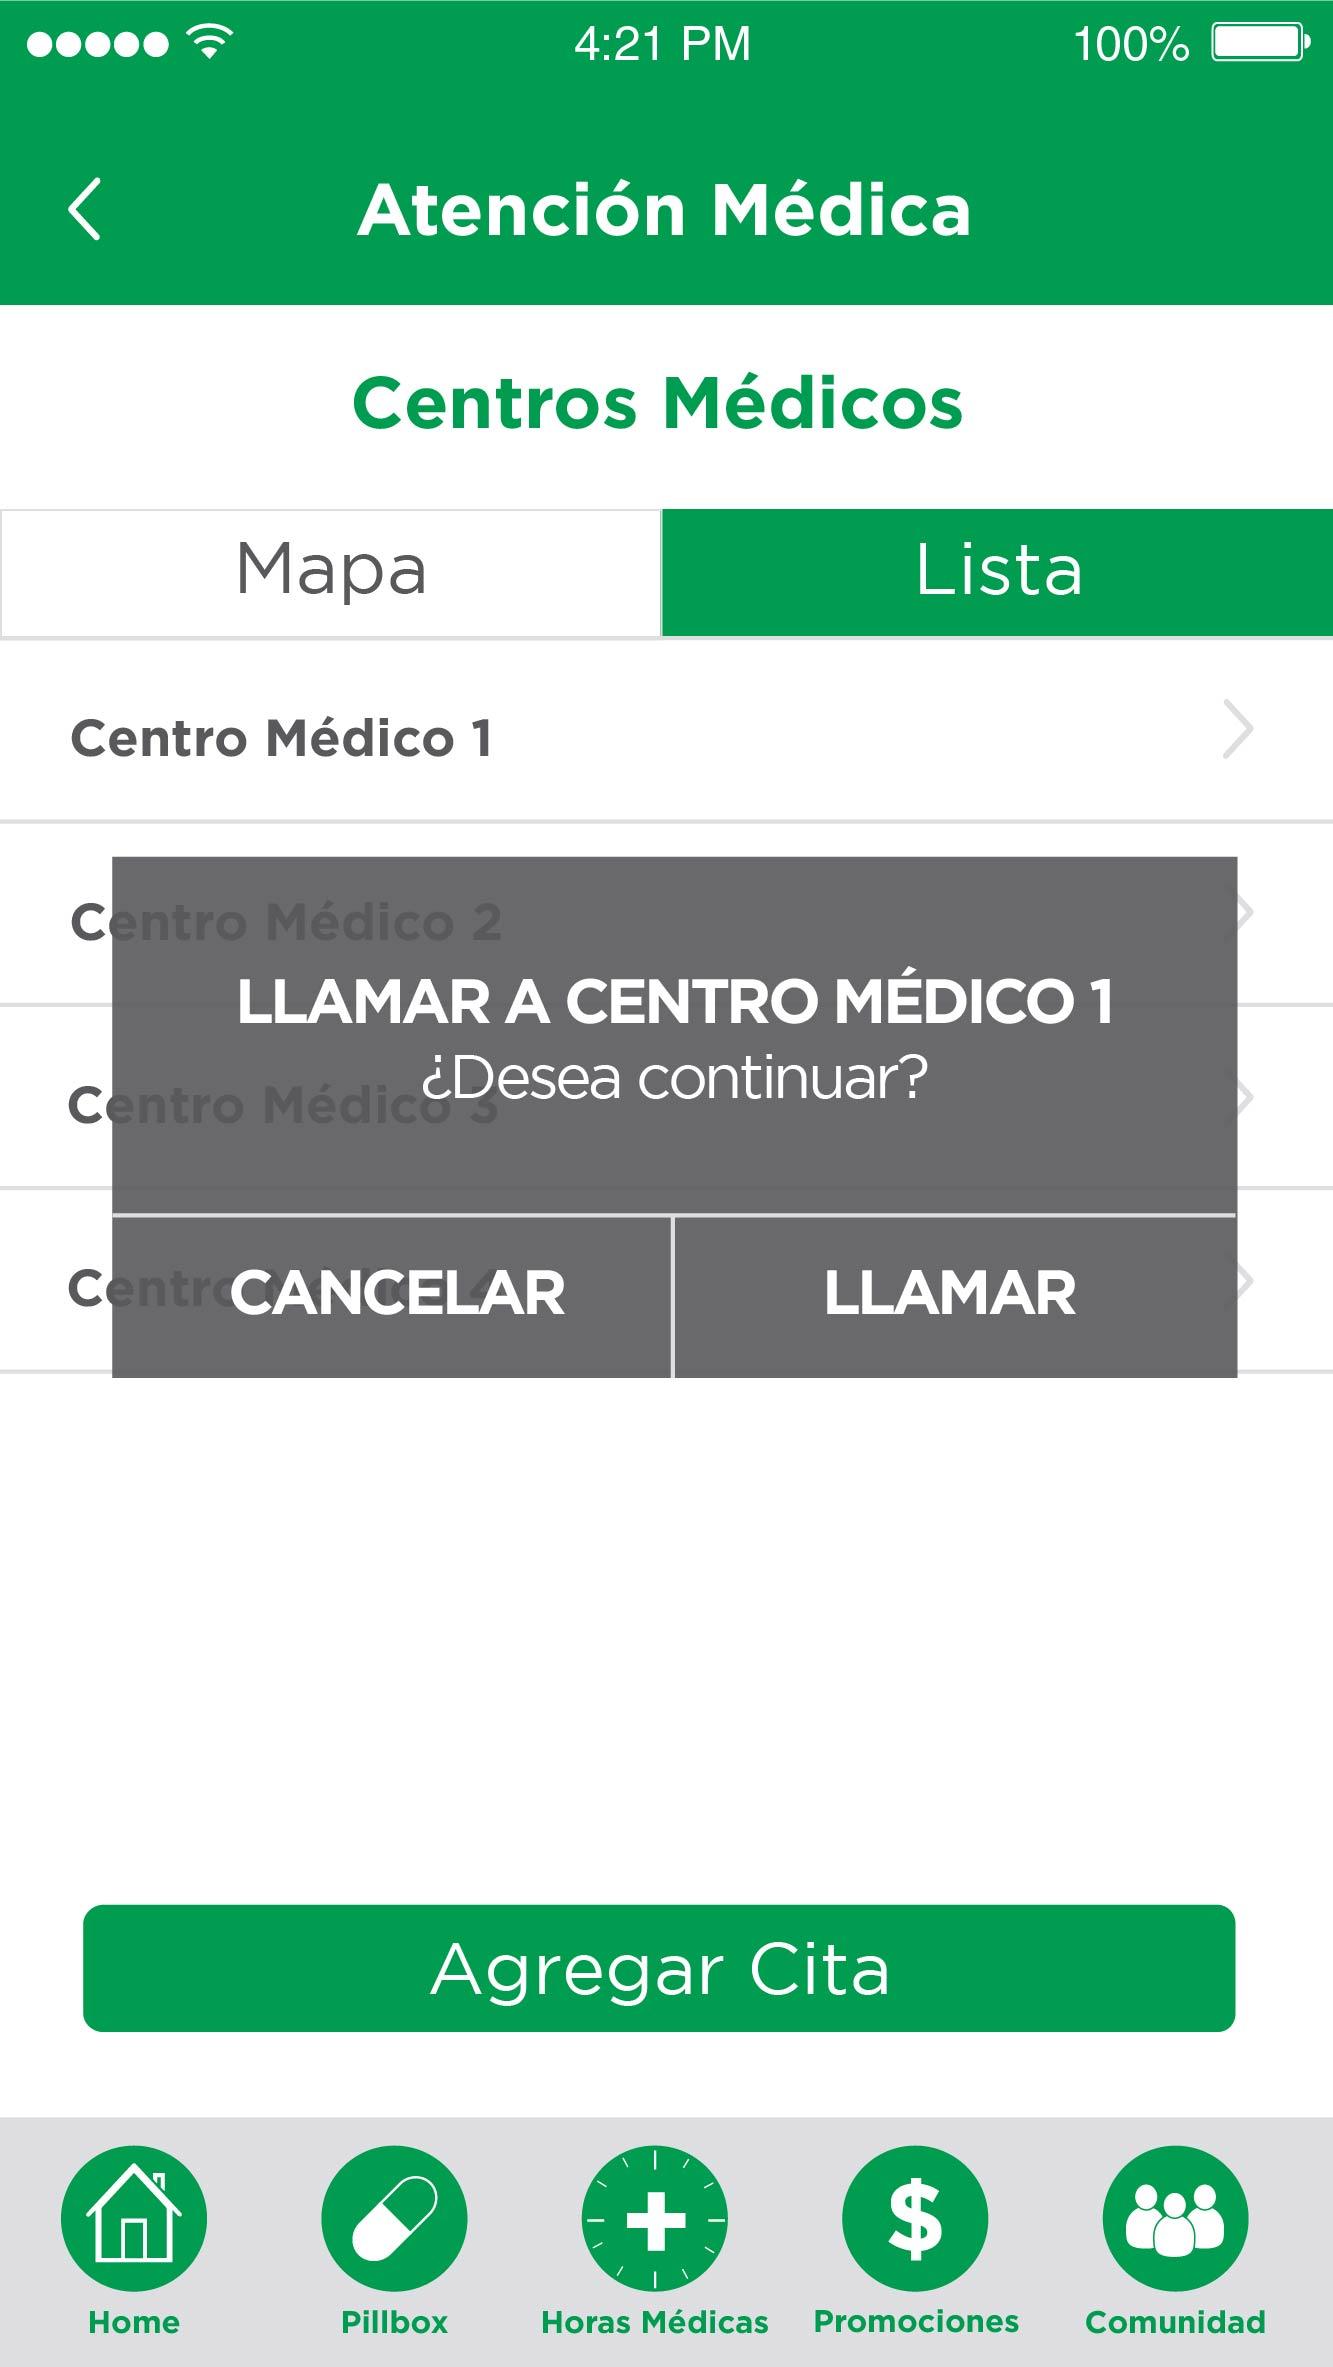 6thmockups__44._Atención_Médica_-_nueva_cita_médica_-_desactivar_cita_alerta.jpg